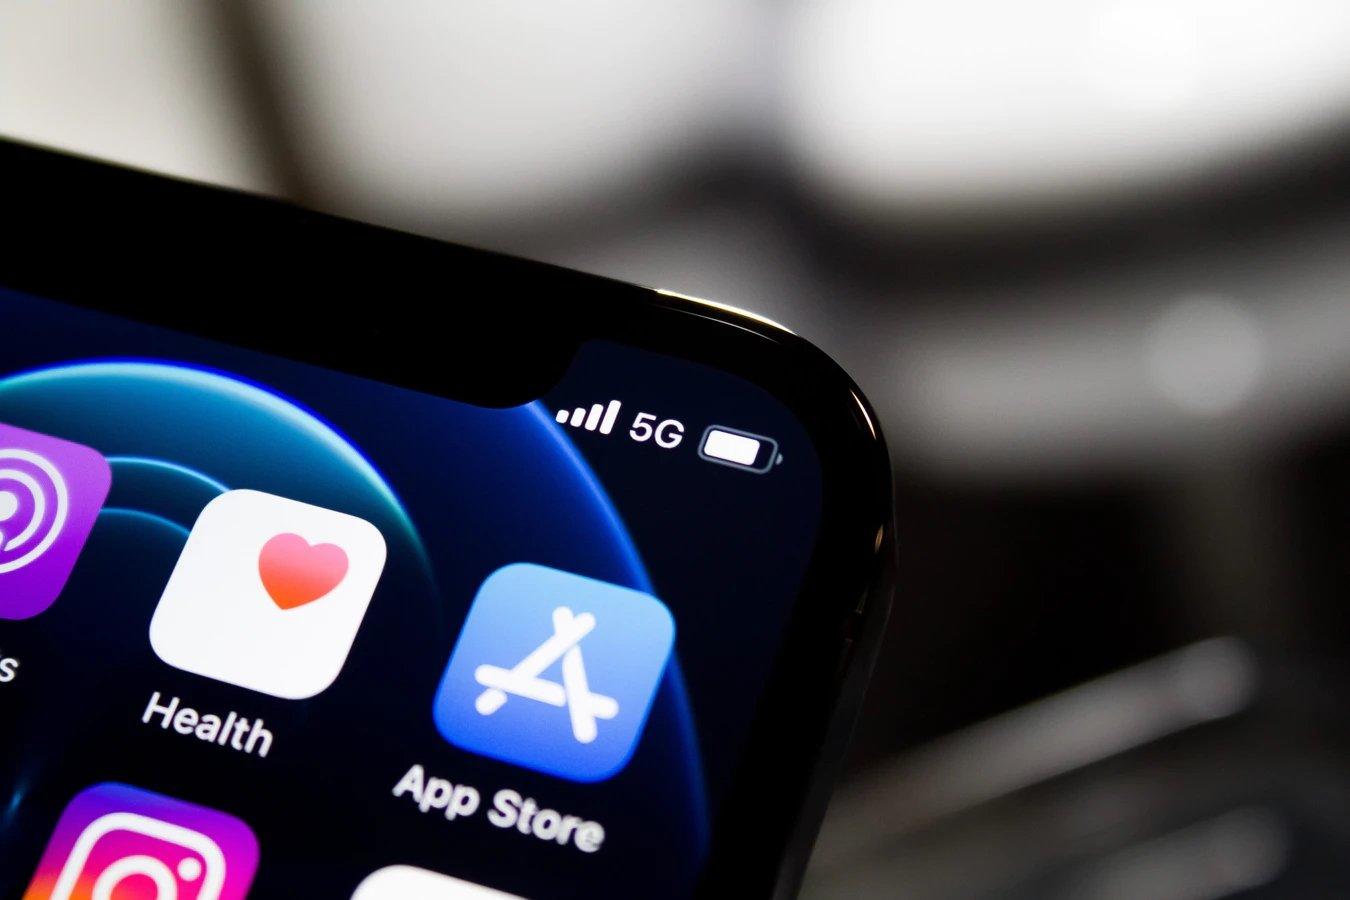 rede 5g em smartphone